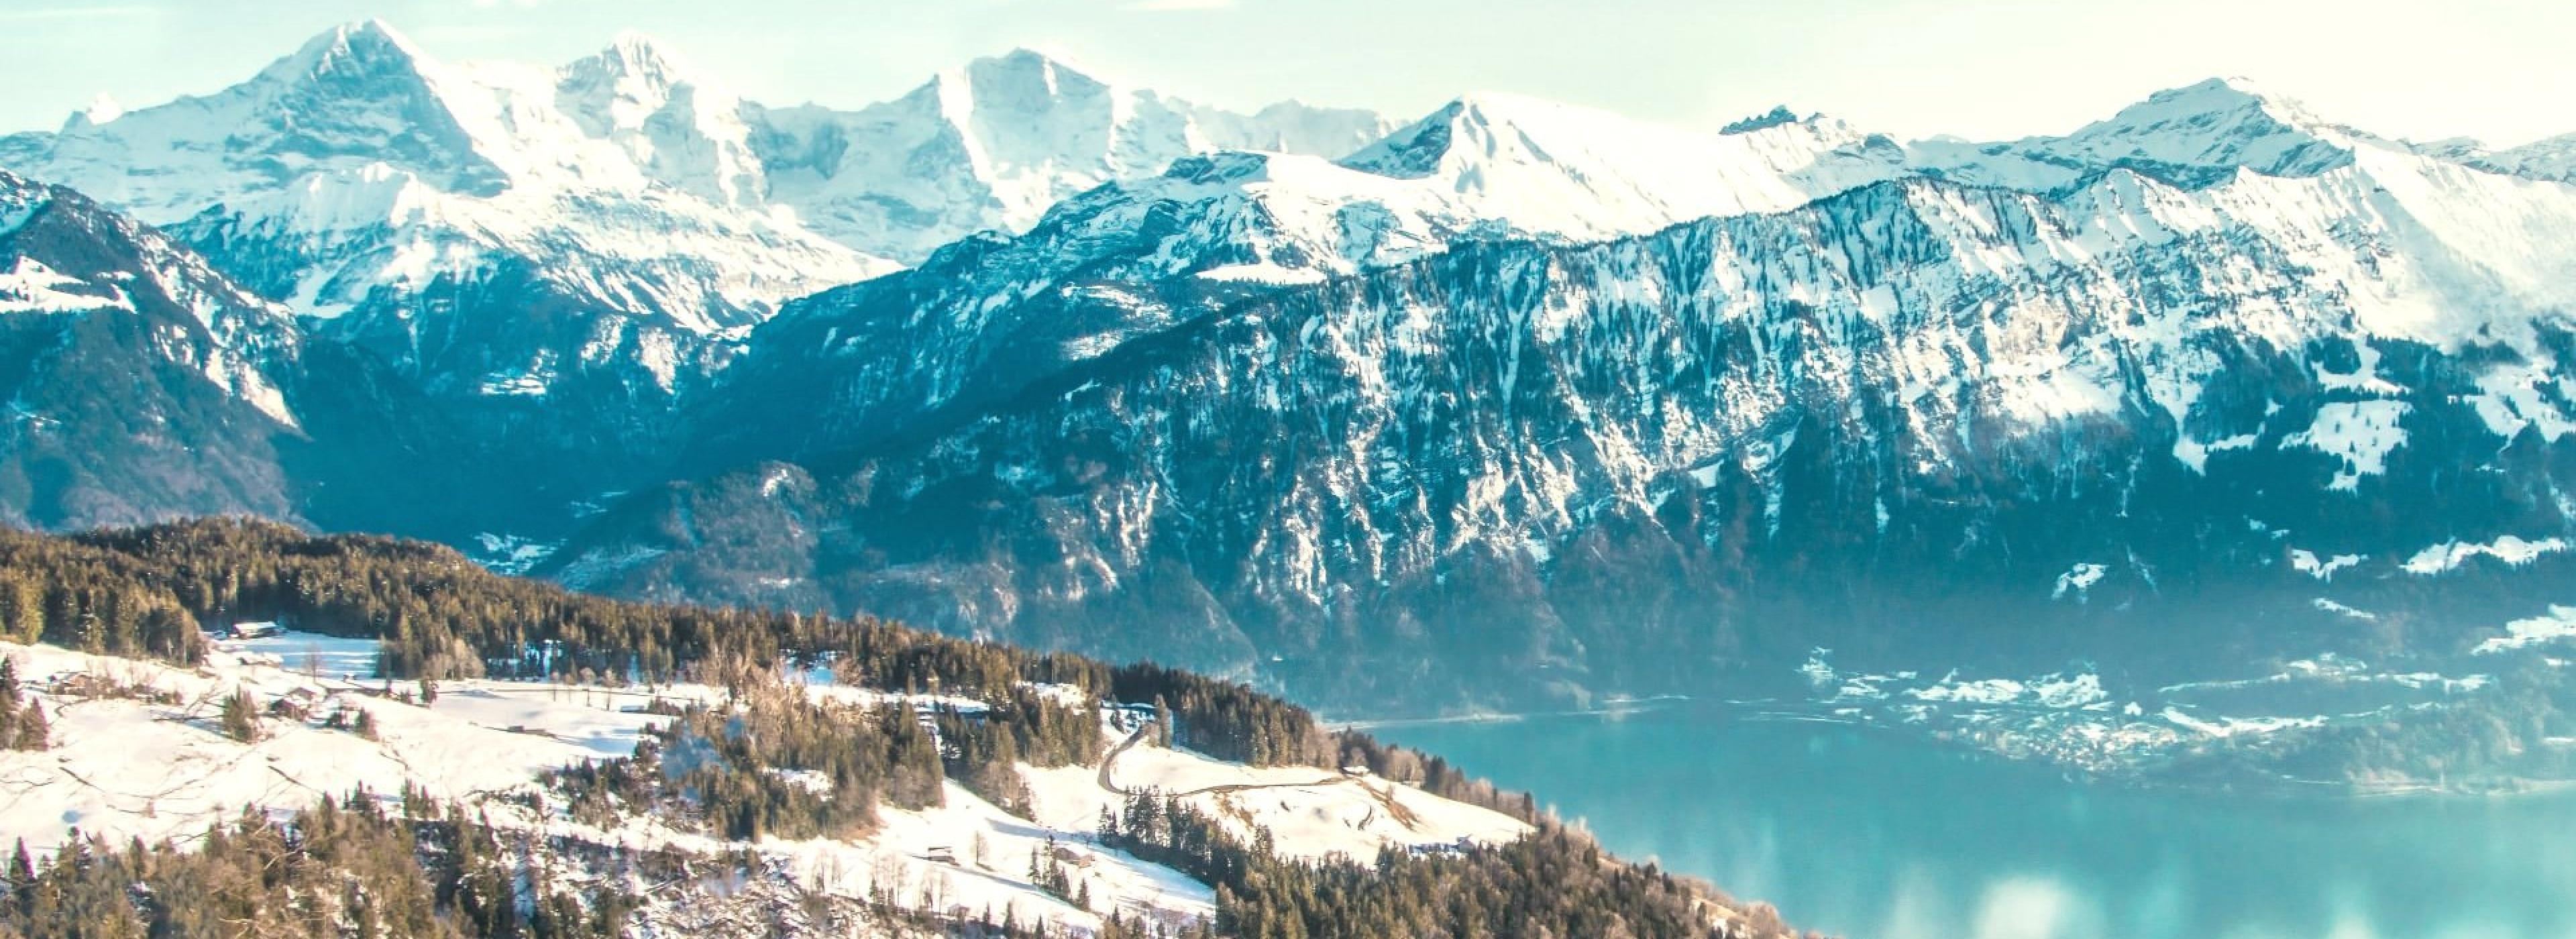 Swiss Alps, Interlaken region, Switzerland